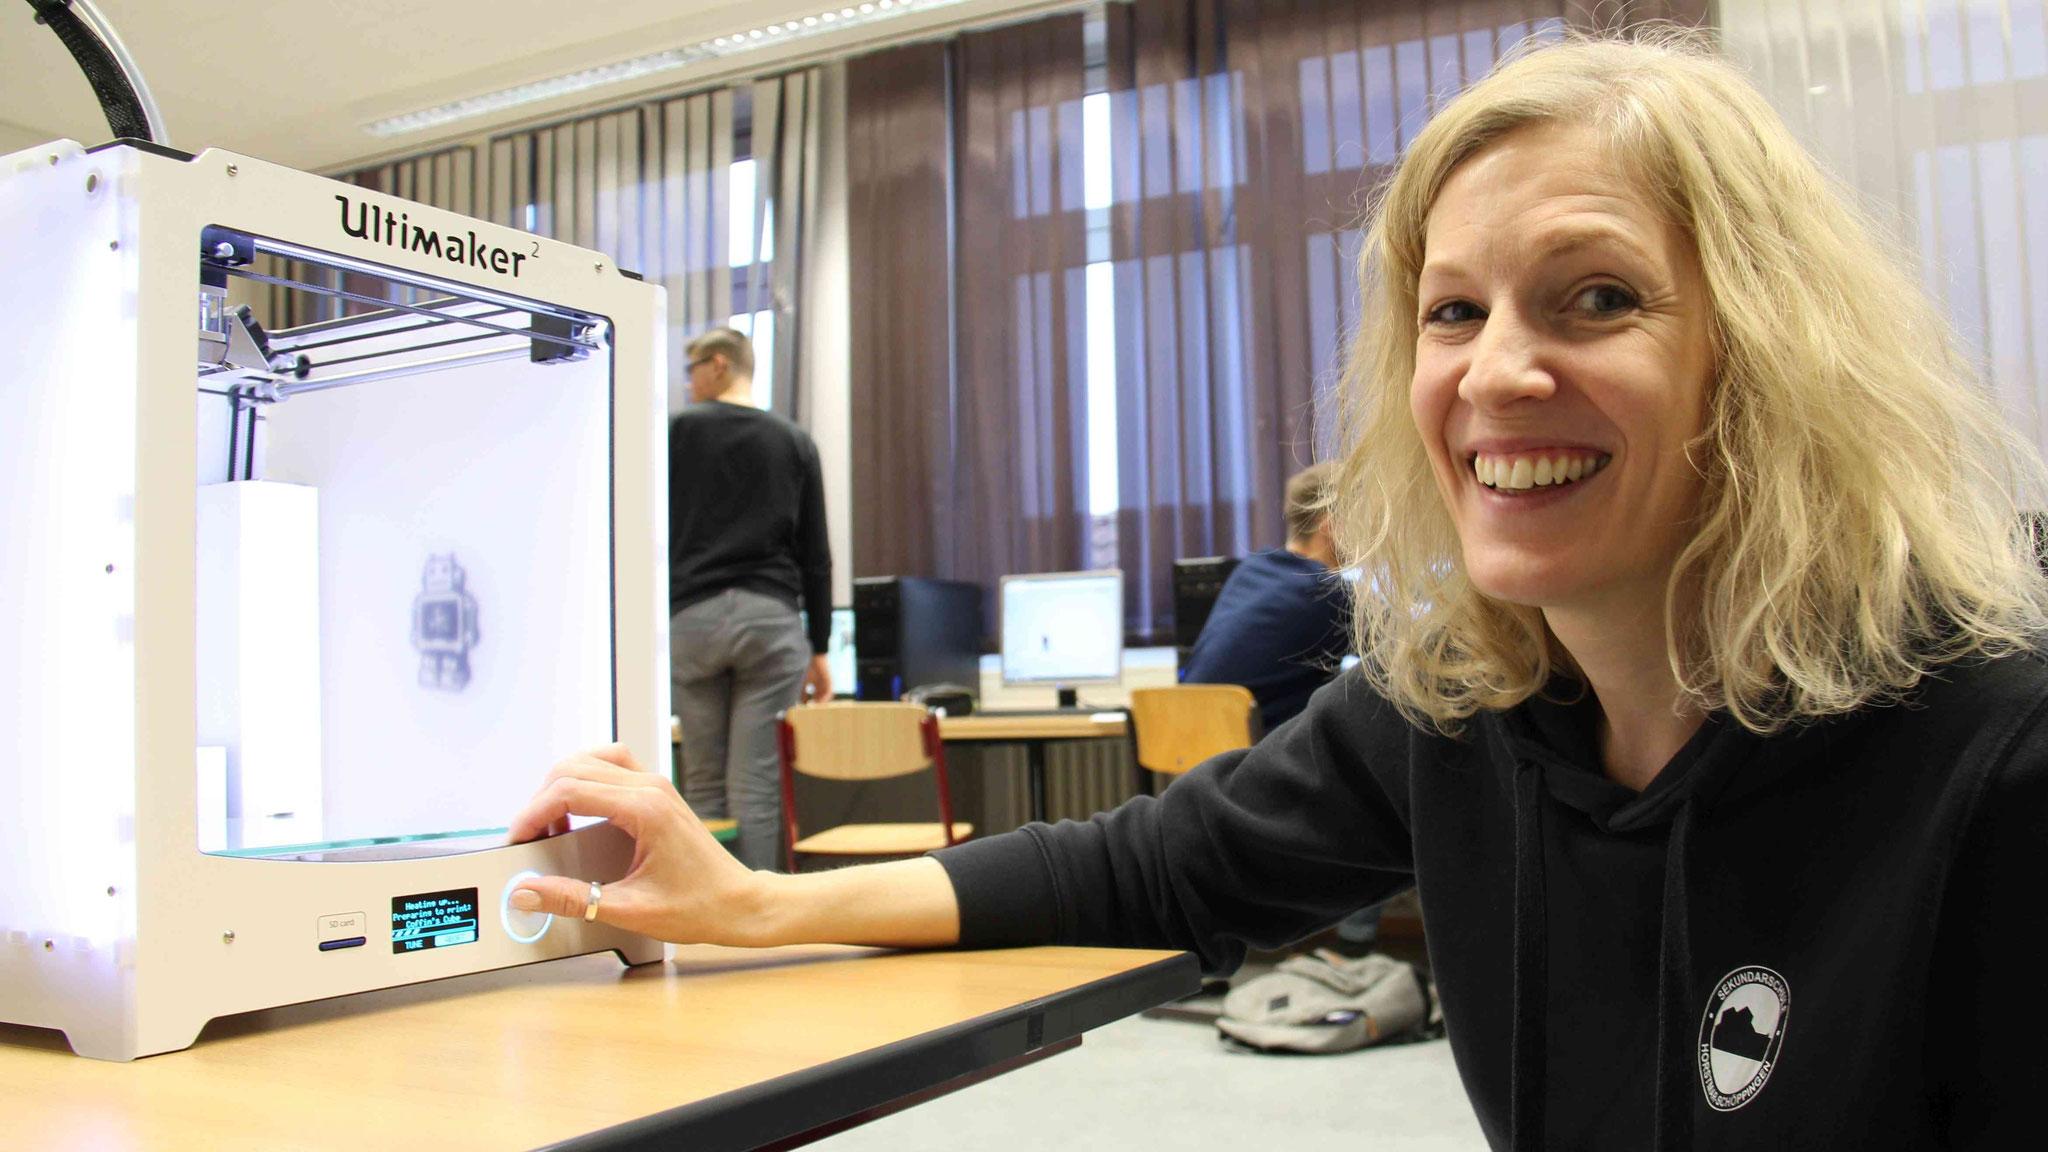 Informatiklehrerin Juliane Rodegro bereitet den schuleigenen 3D-Drucker für einen Testdruck vor